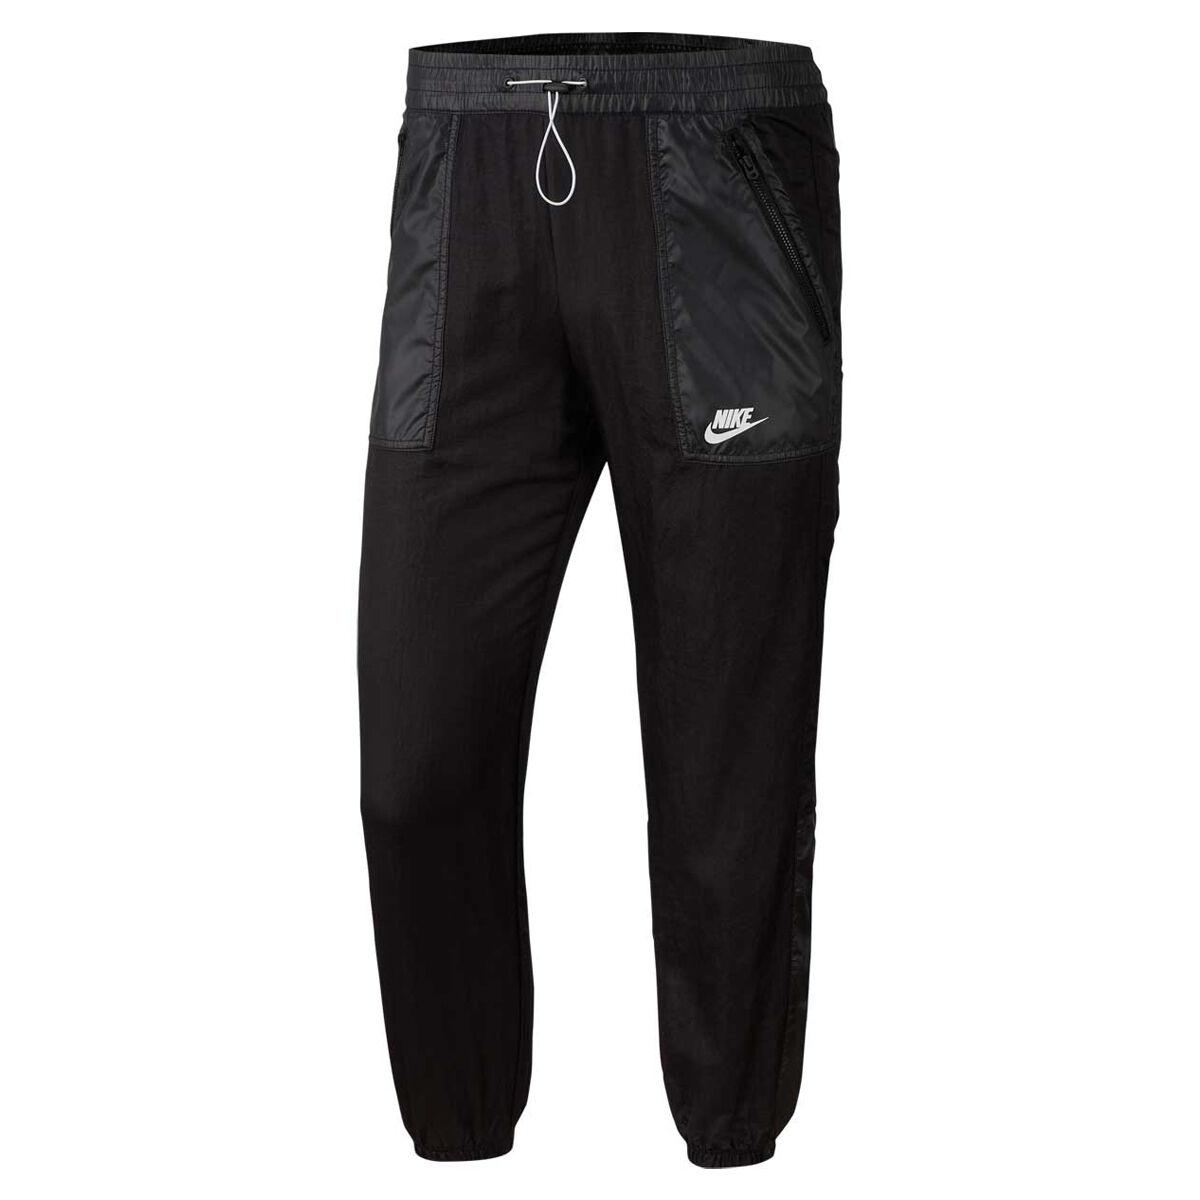 Nike Sportswear Women's Woven Rebel Cargo Pants